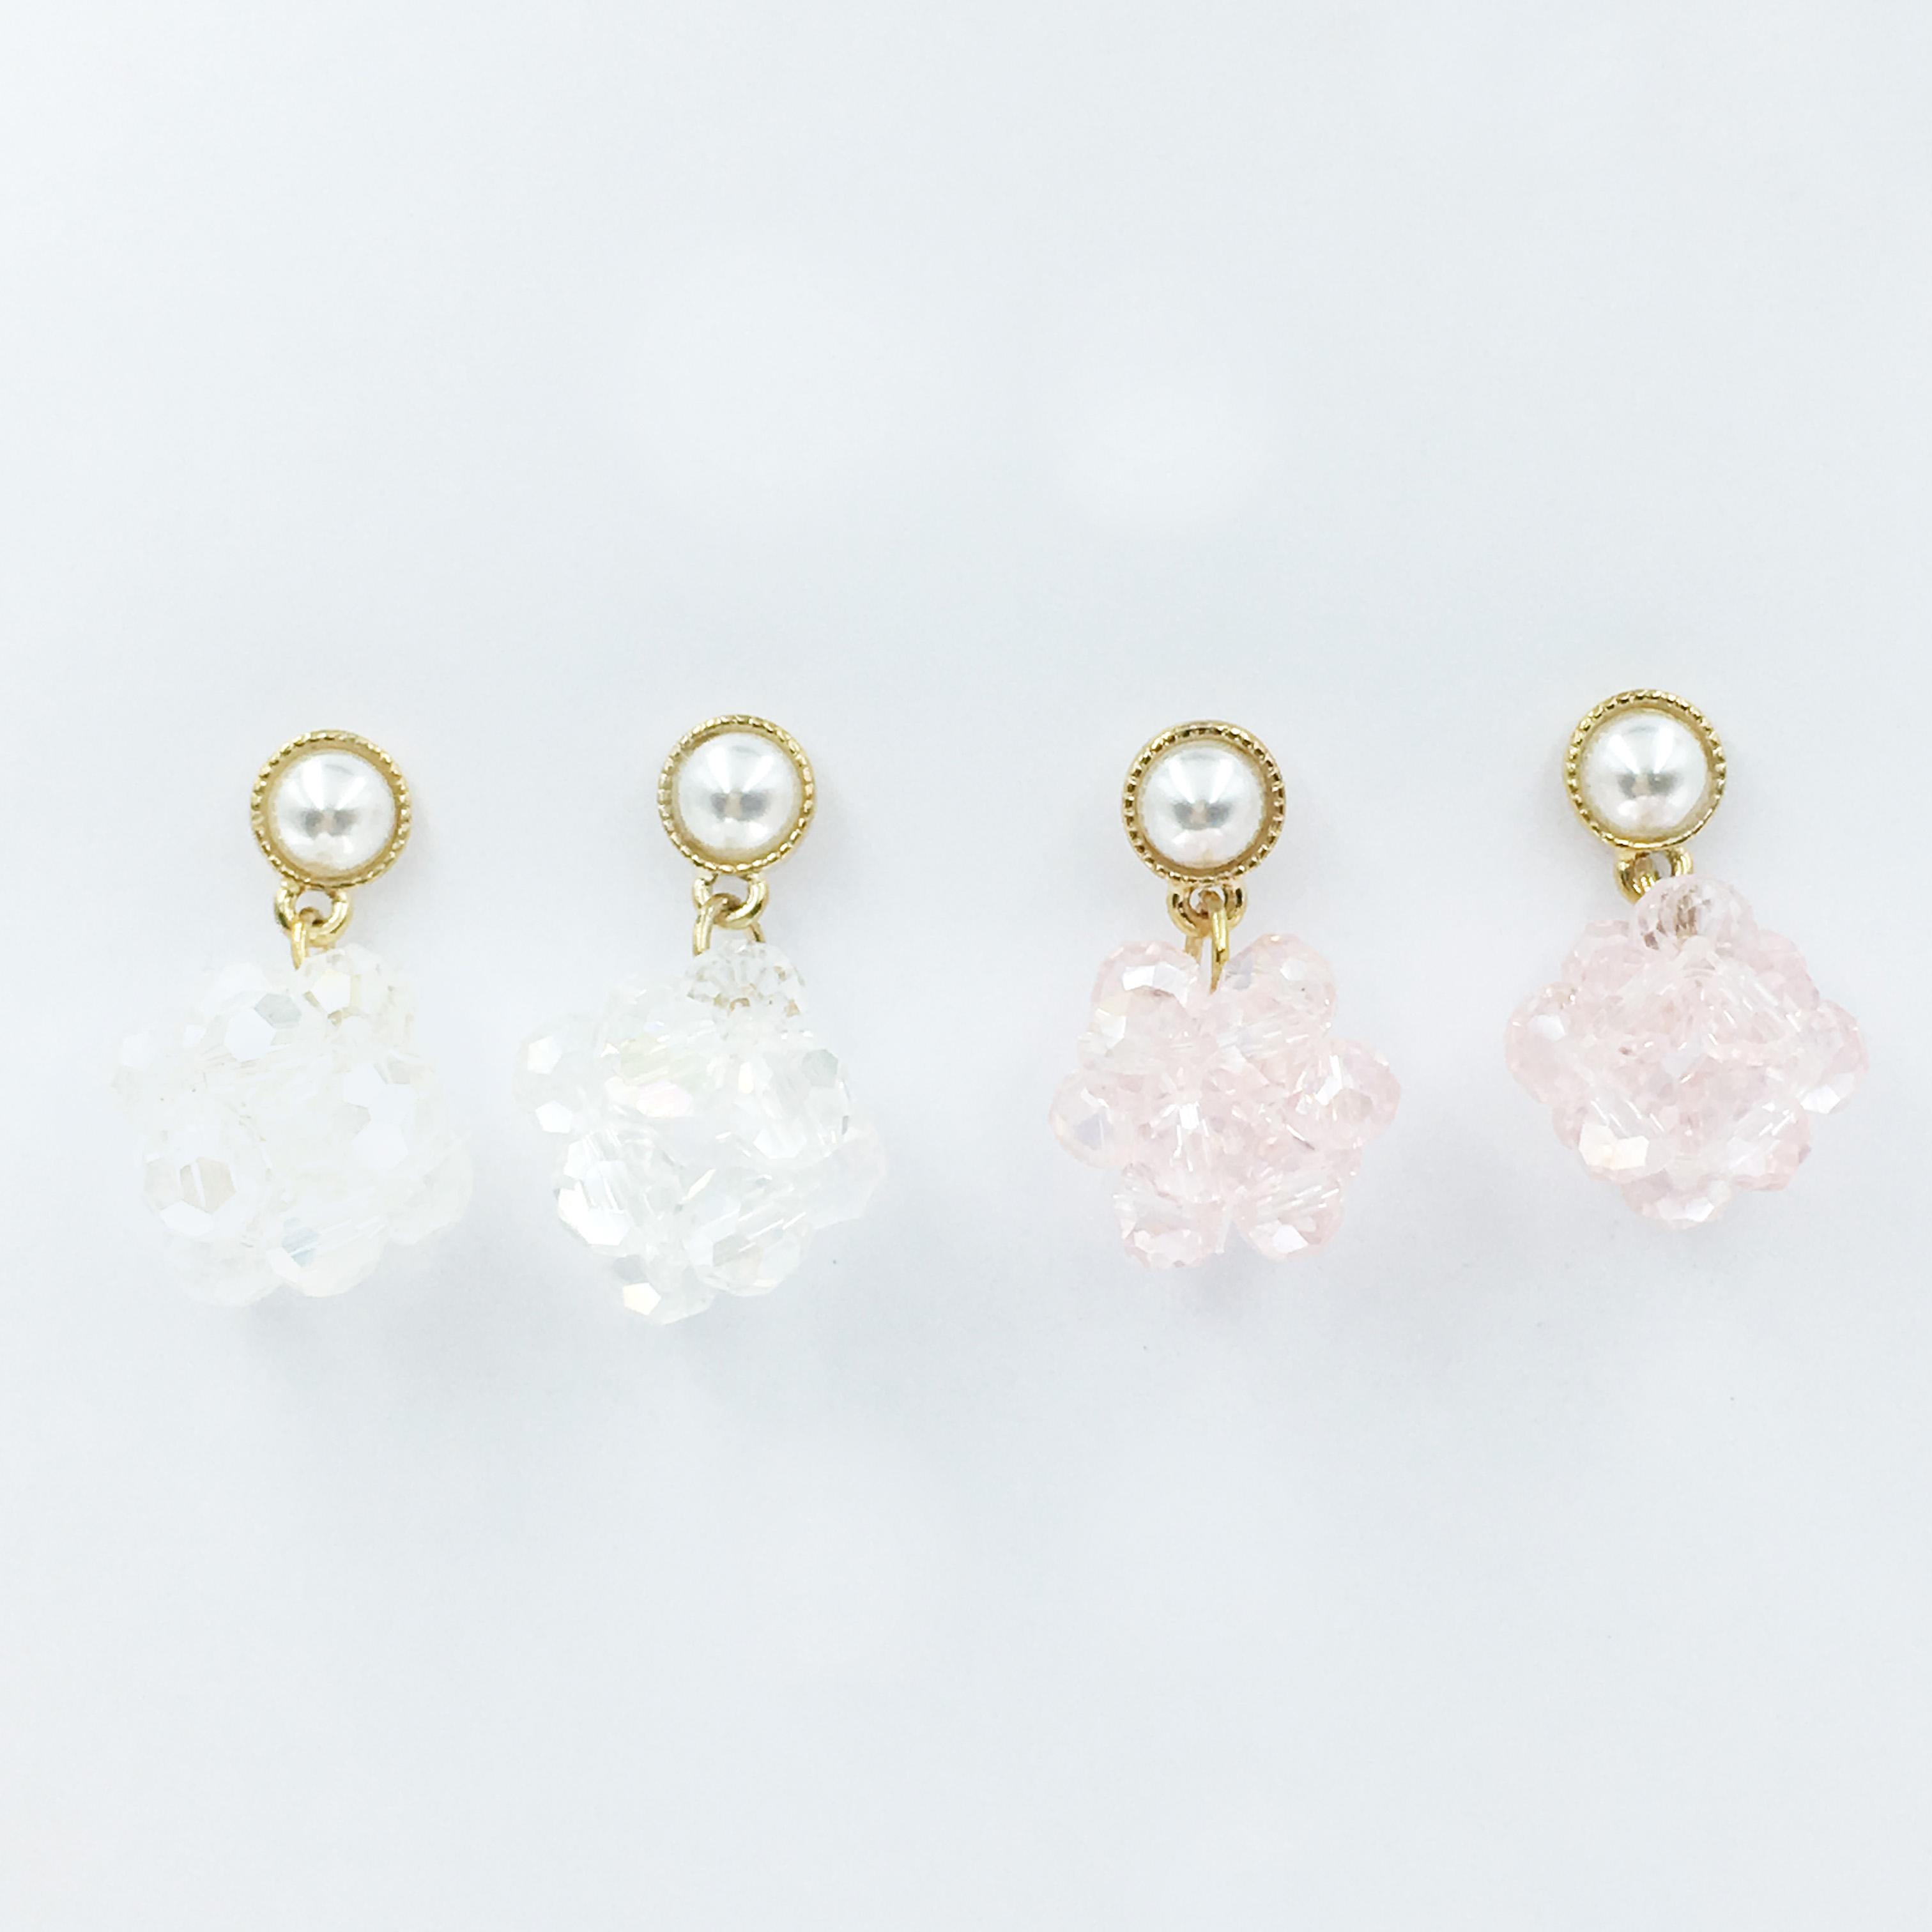 韓國 珍珠 立體珠珠 兩色 垂墜感 耳針式耳環